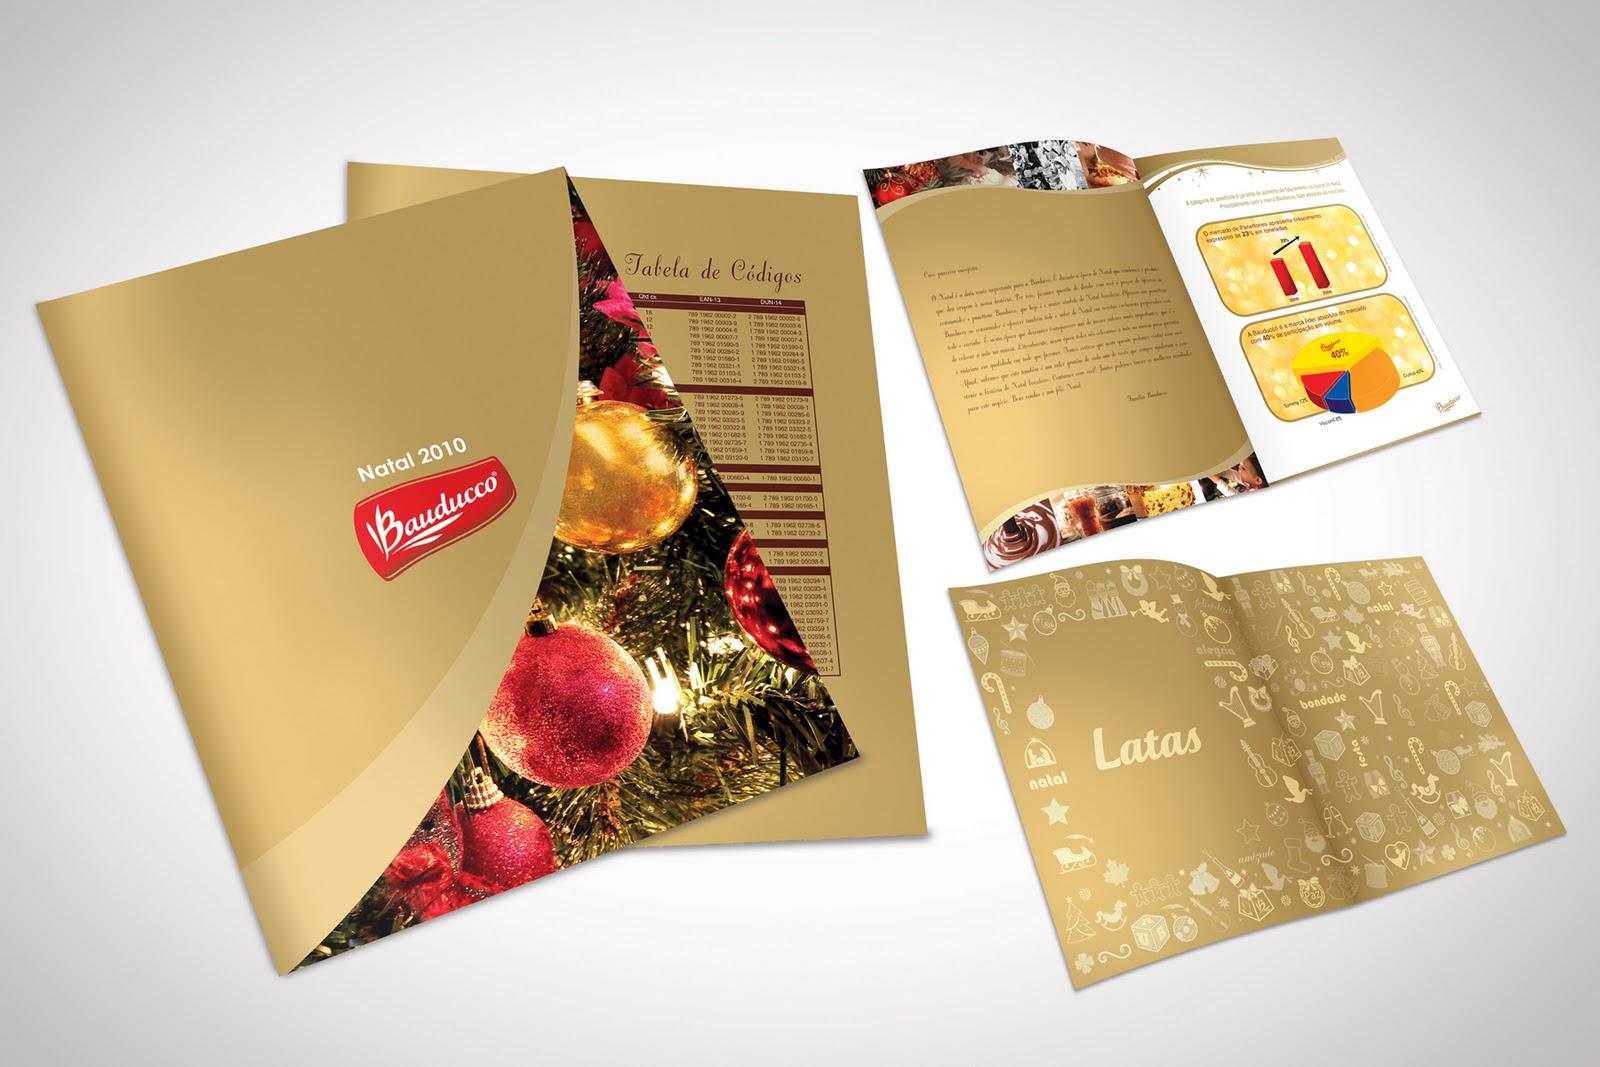 Cat logo de produtos bauducco natal 2010 gabriel figueiro for Catalogo nic design